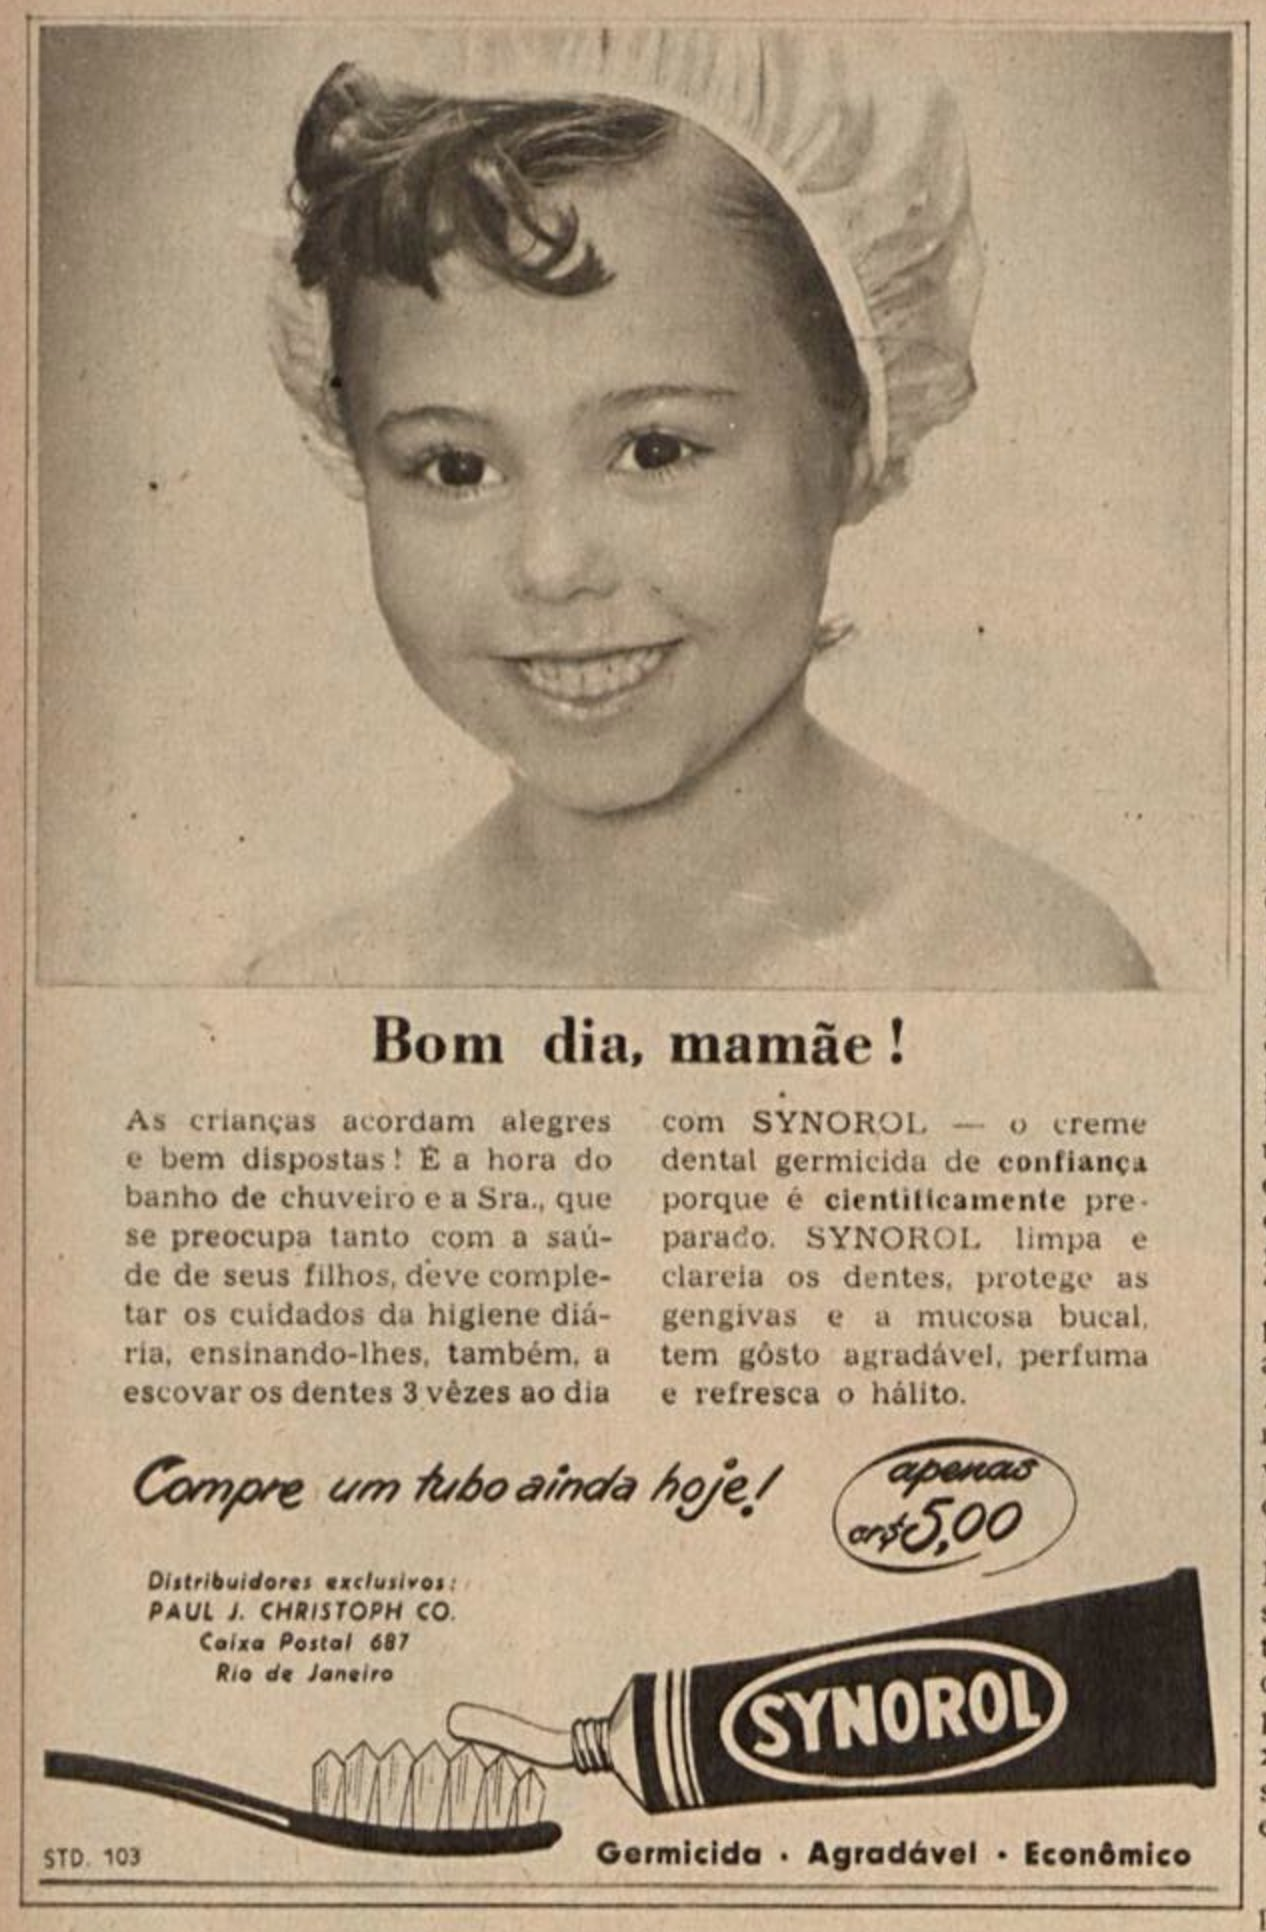 Anúncio antigo do creme dental Synorol para crianças veiculado em 1953